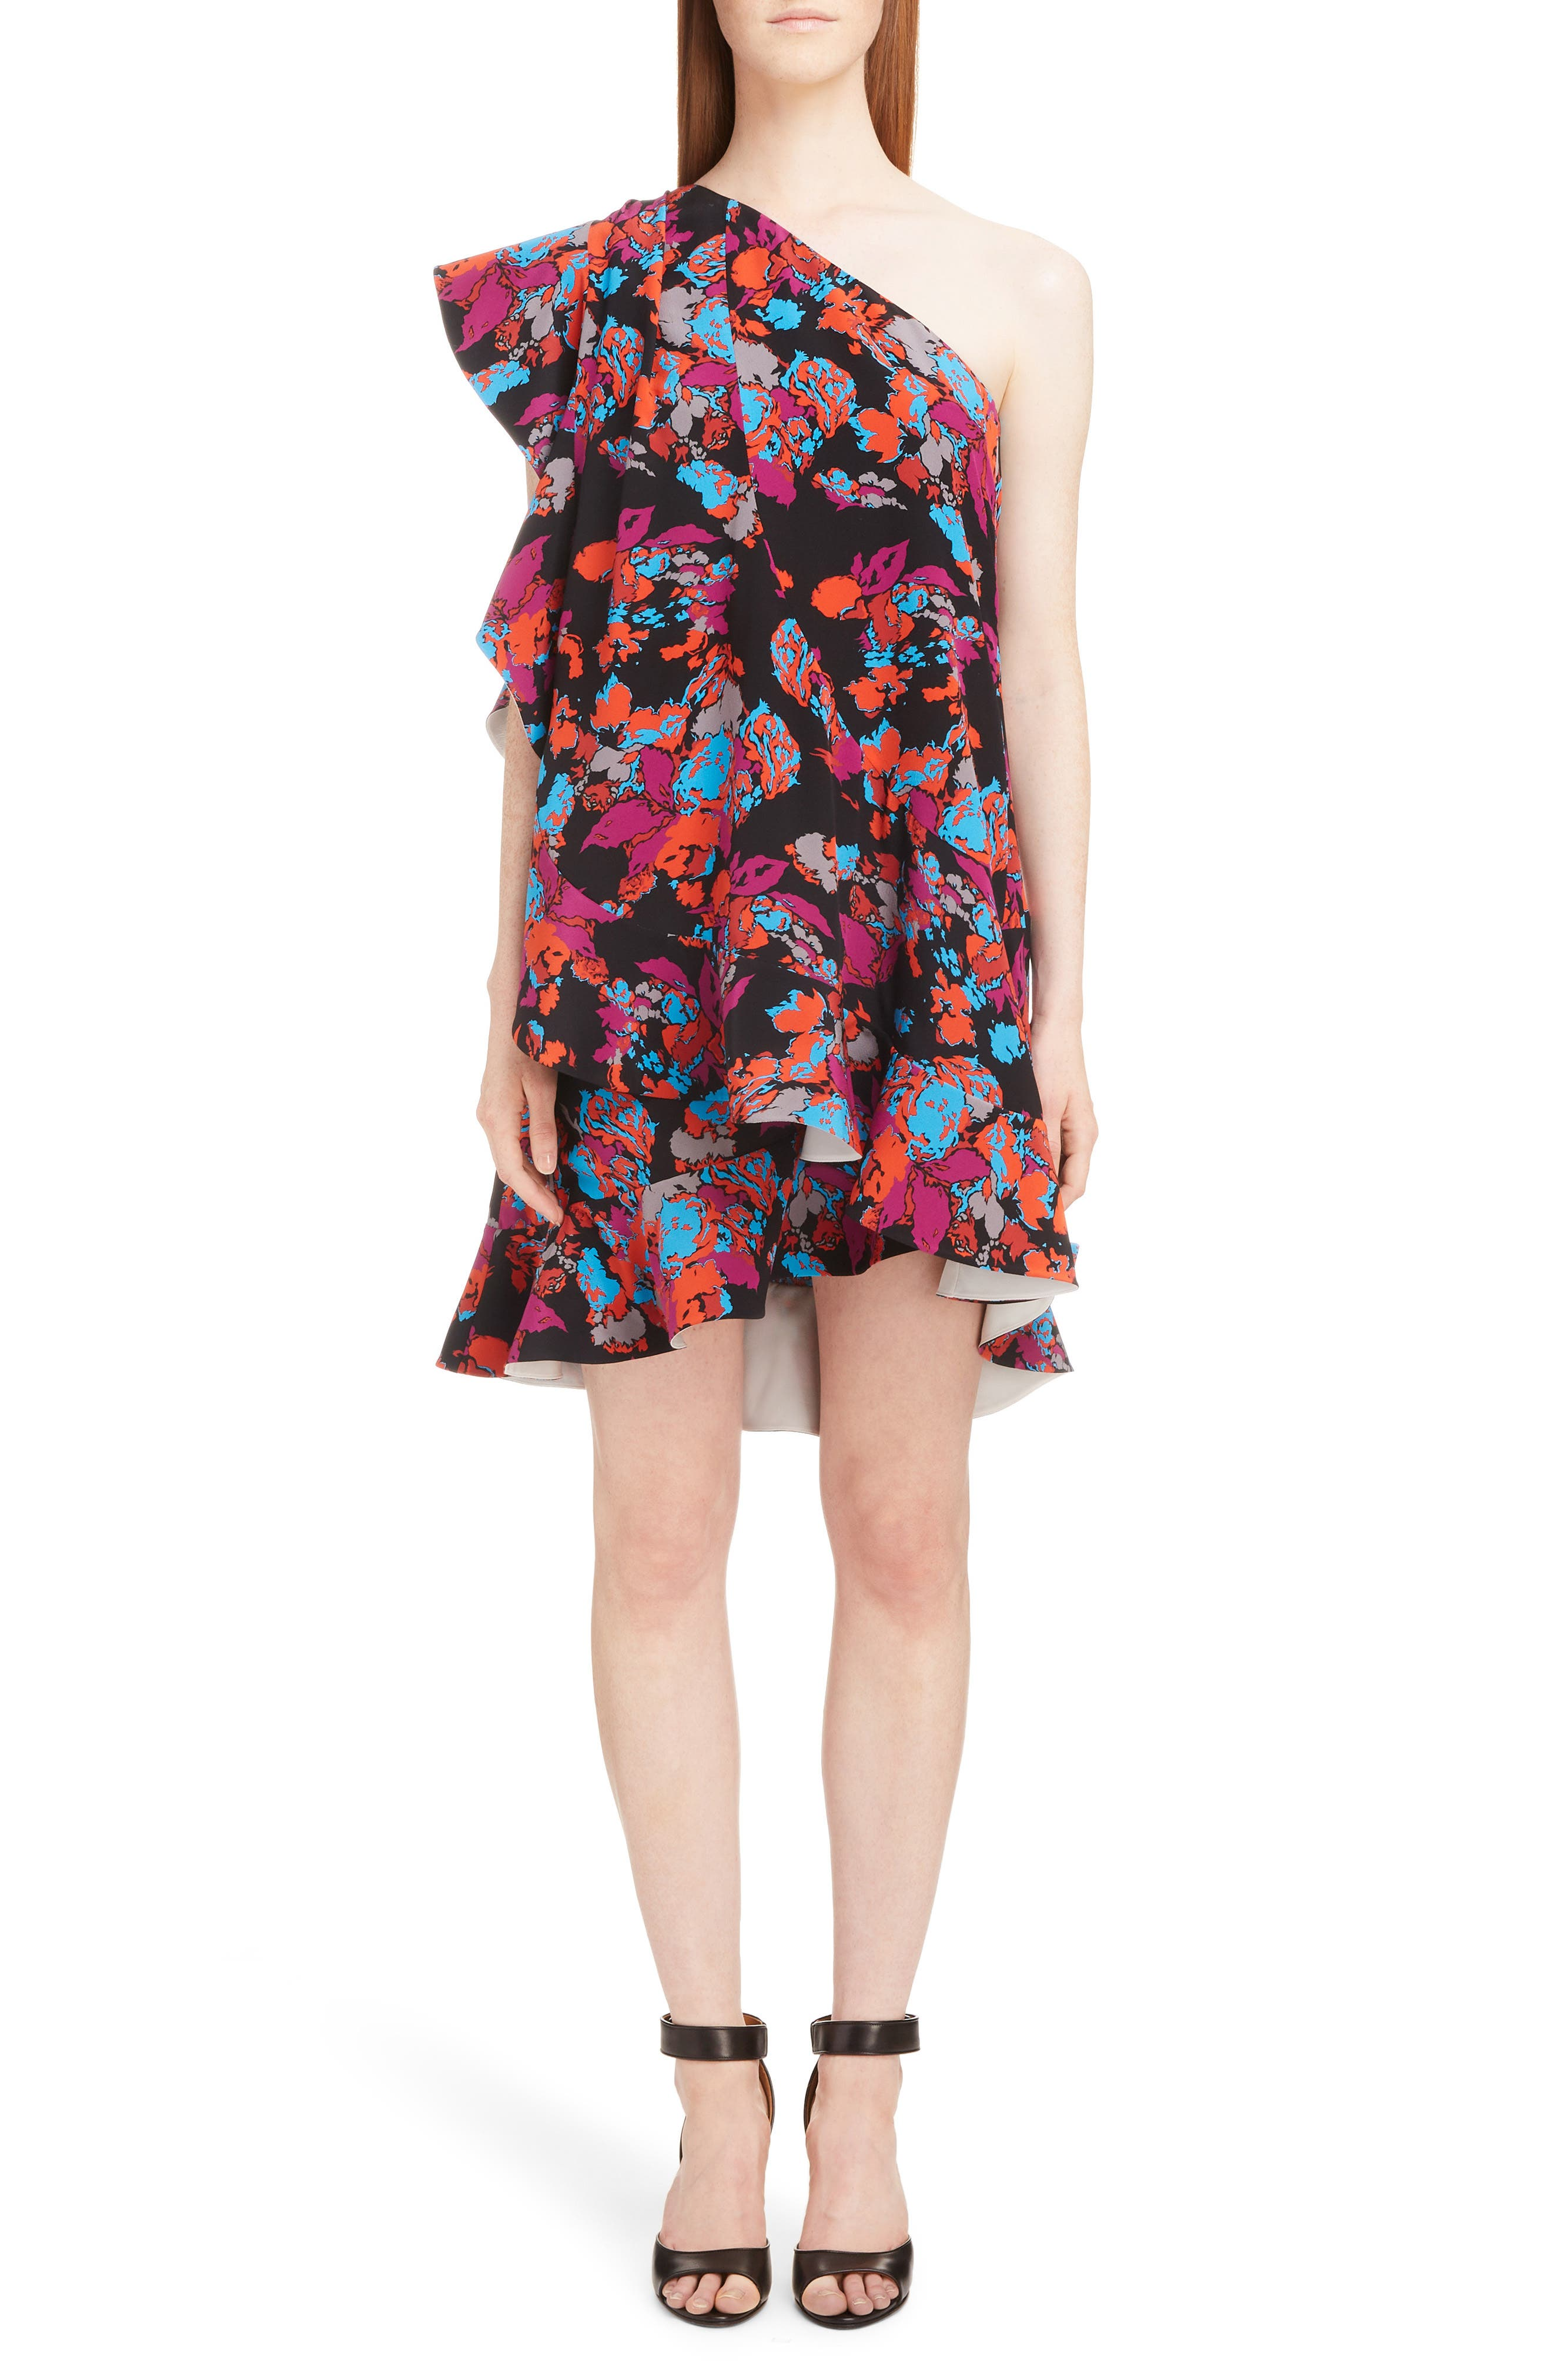 Givenchy Floral Print One-Shoulder Dress, 6 FR - Black